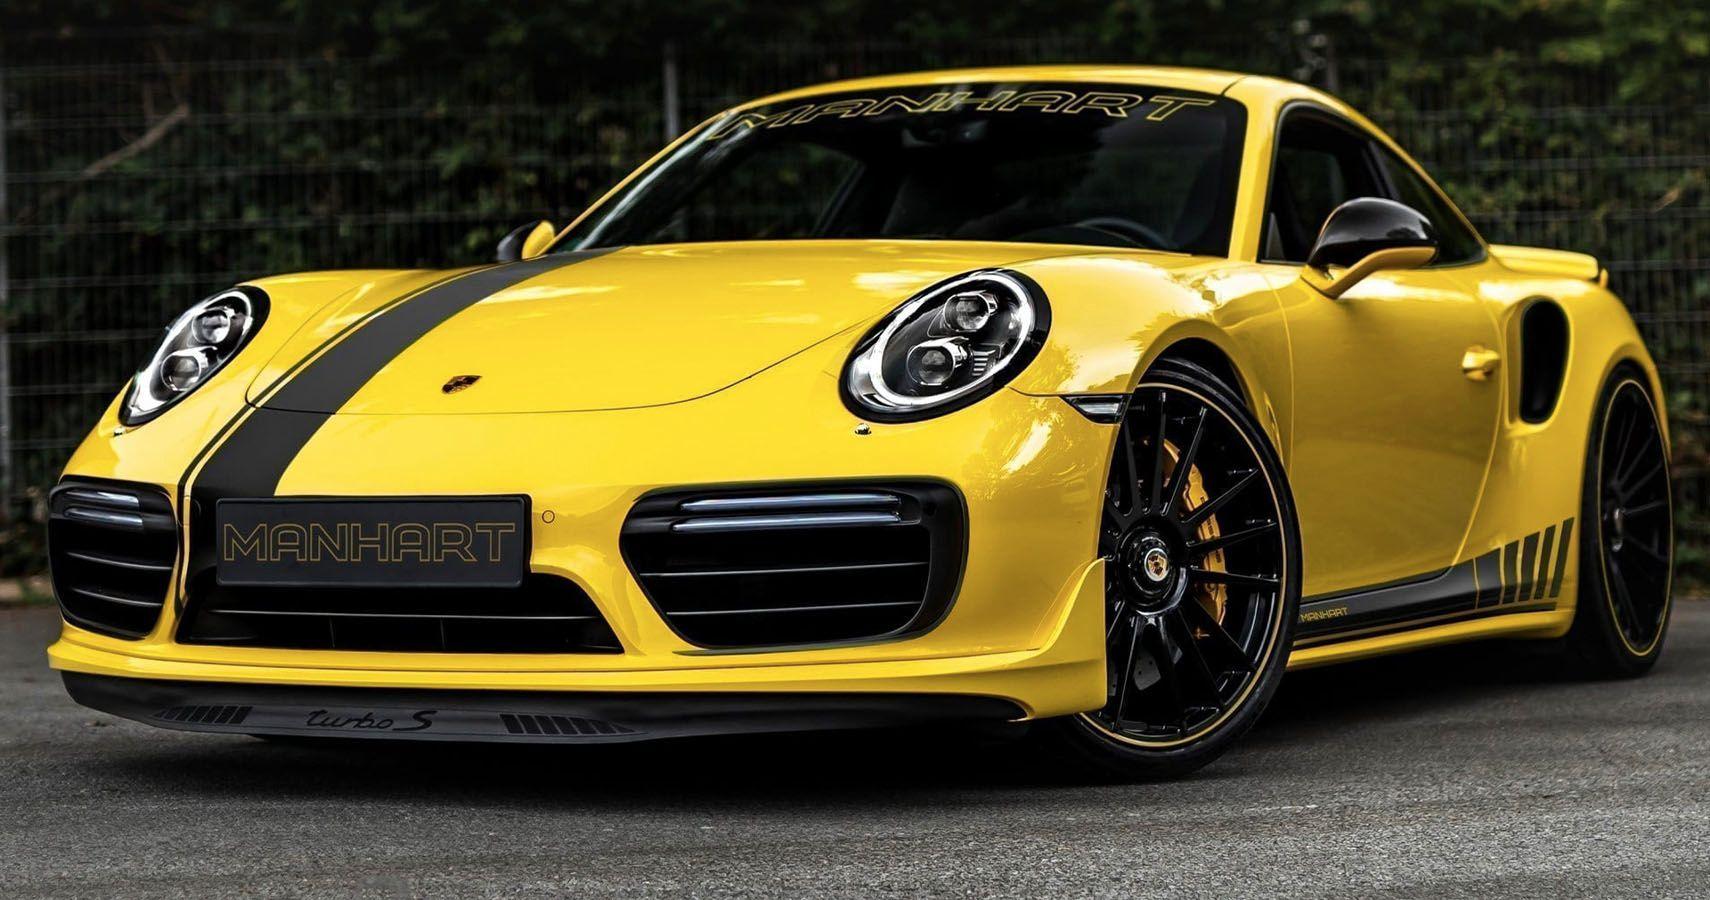 Manhart Unveils 850-HP Porsche 911 Turbo S | HotCars